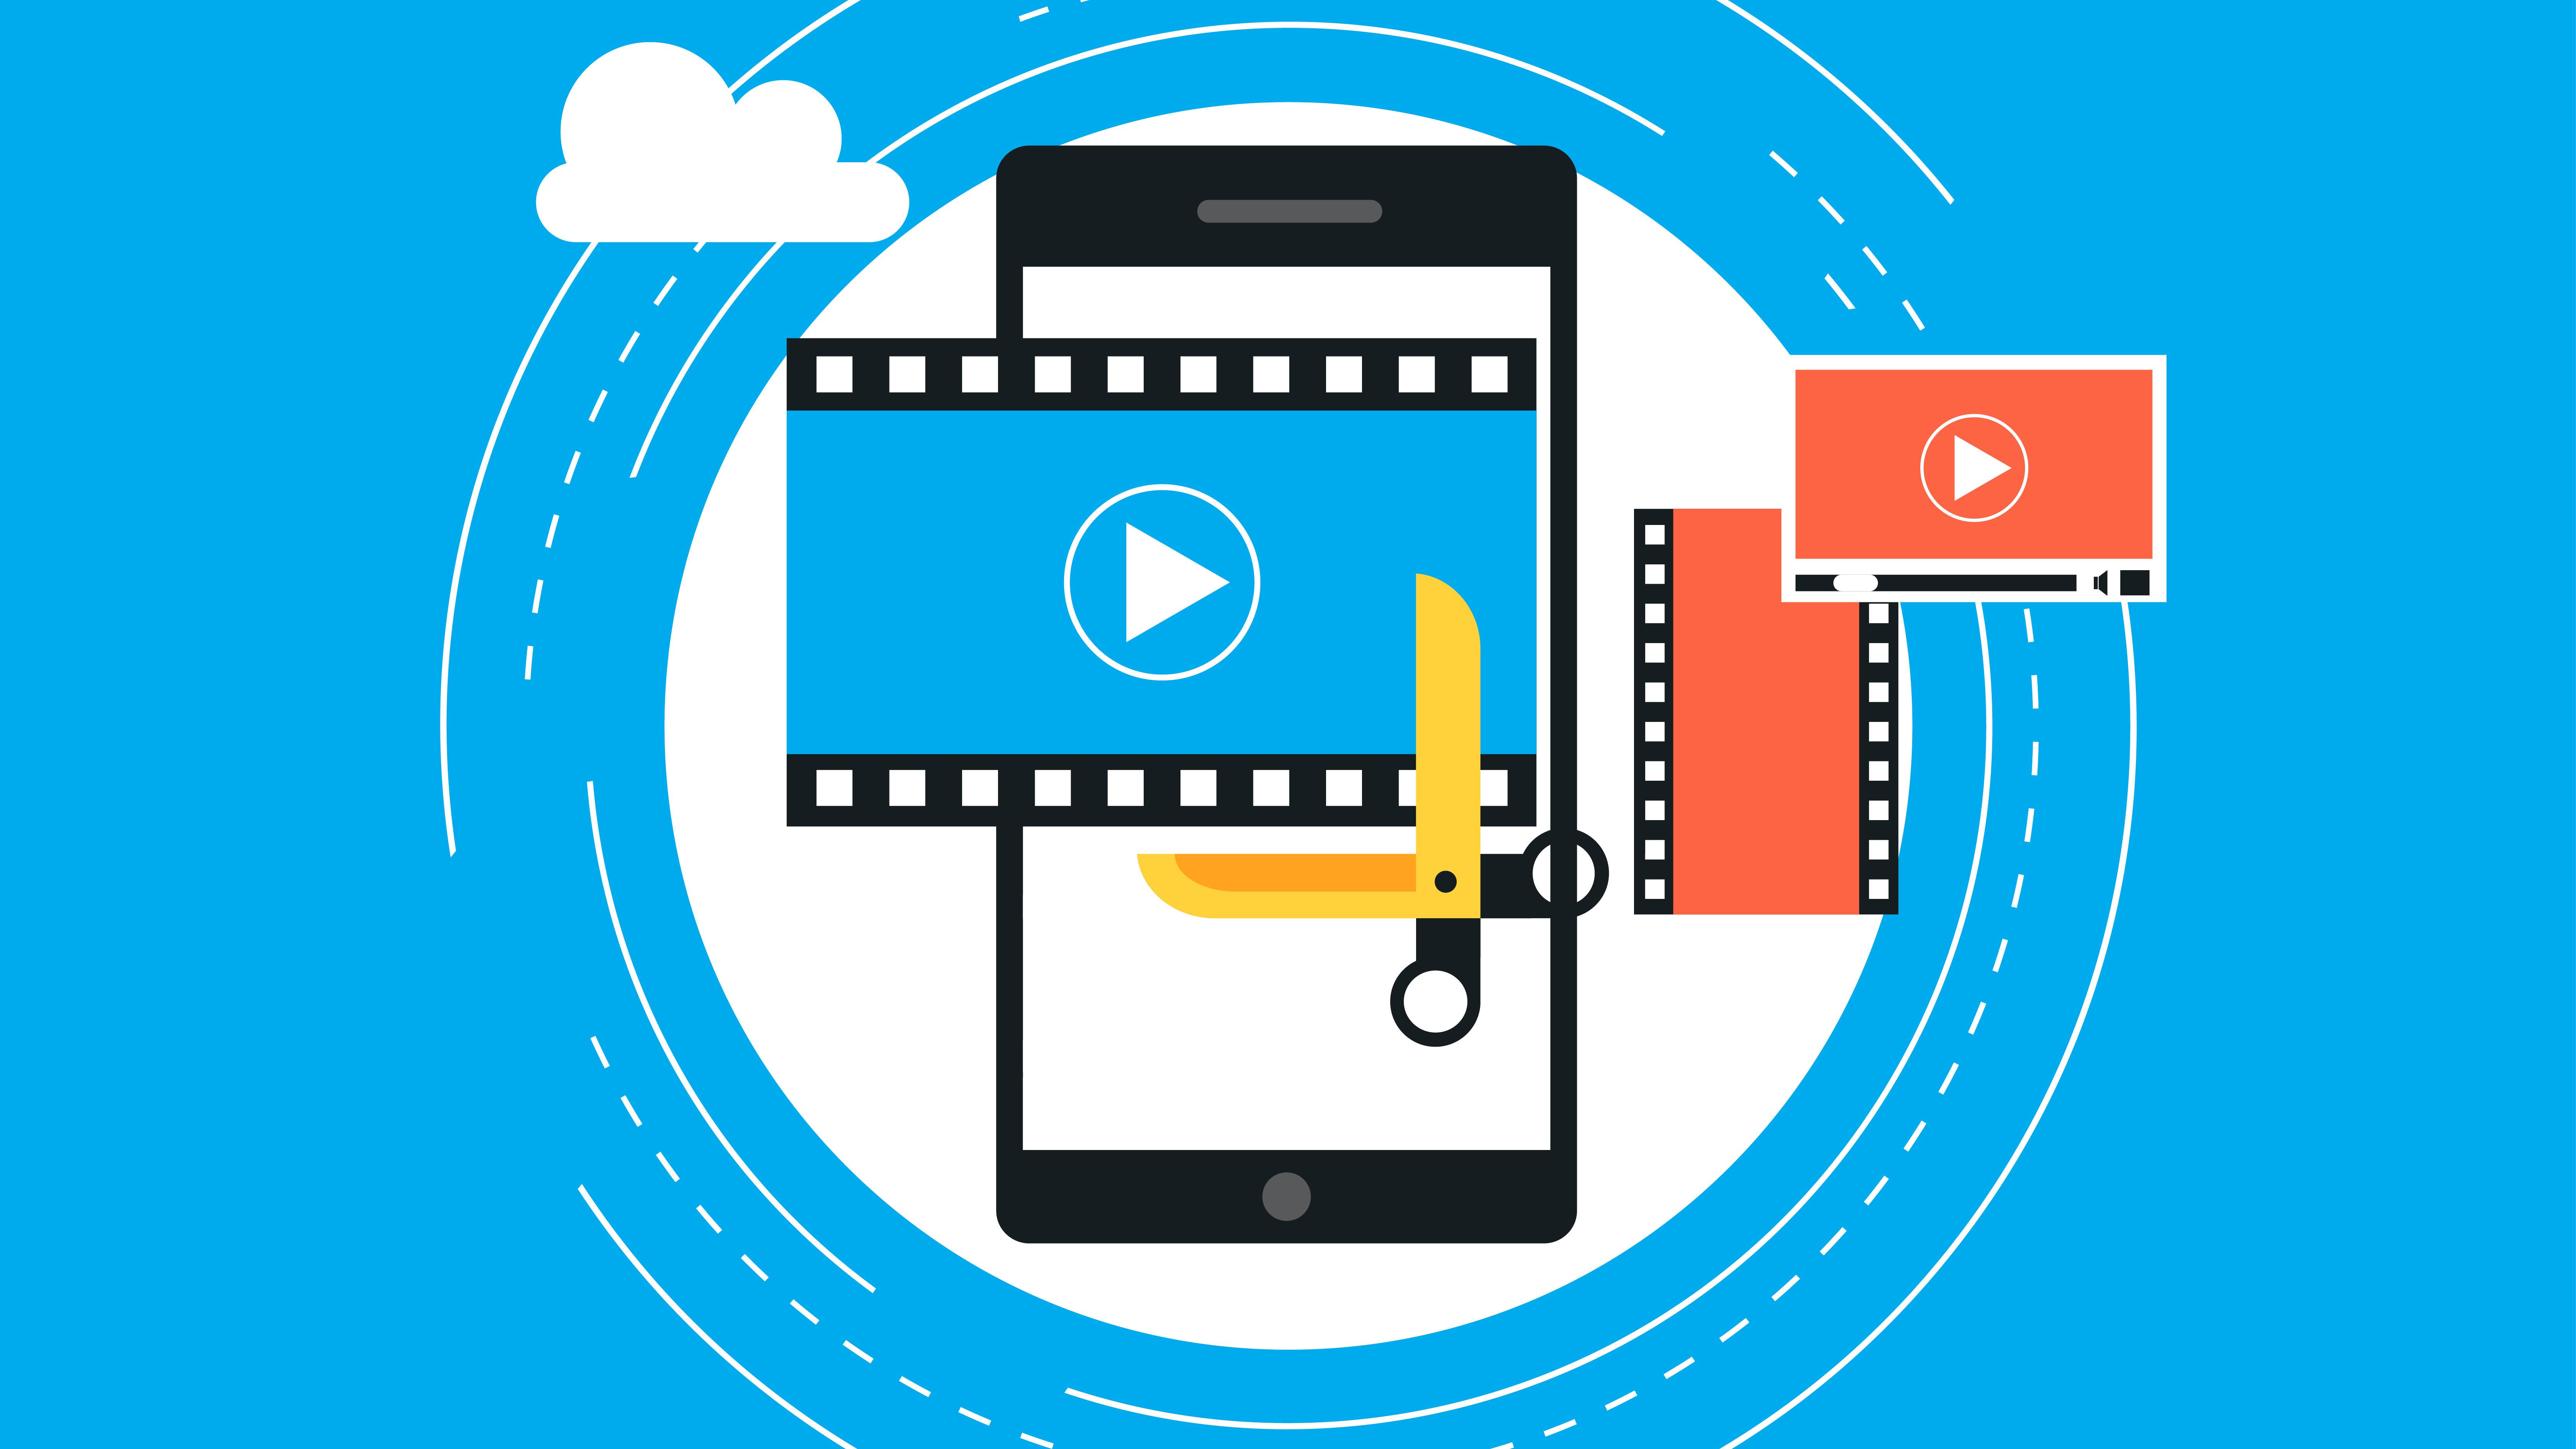 【2020年版】スマホでプロ並みの動画編集ができるアプリおすすめ5選!